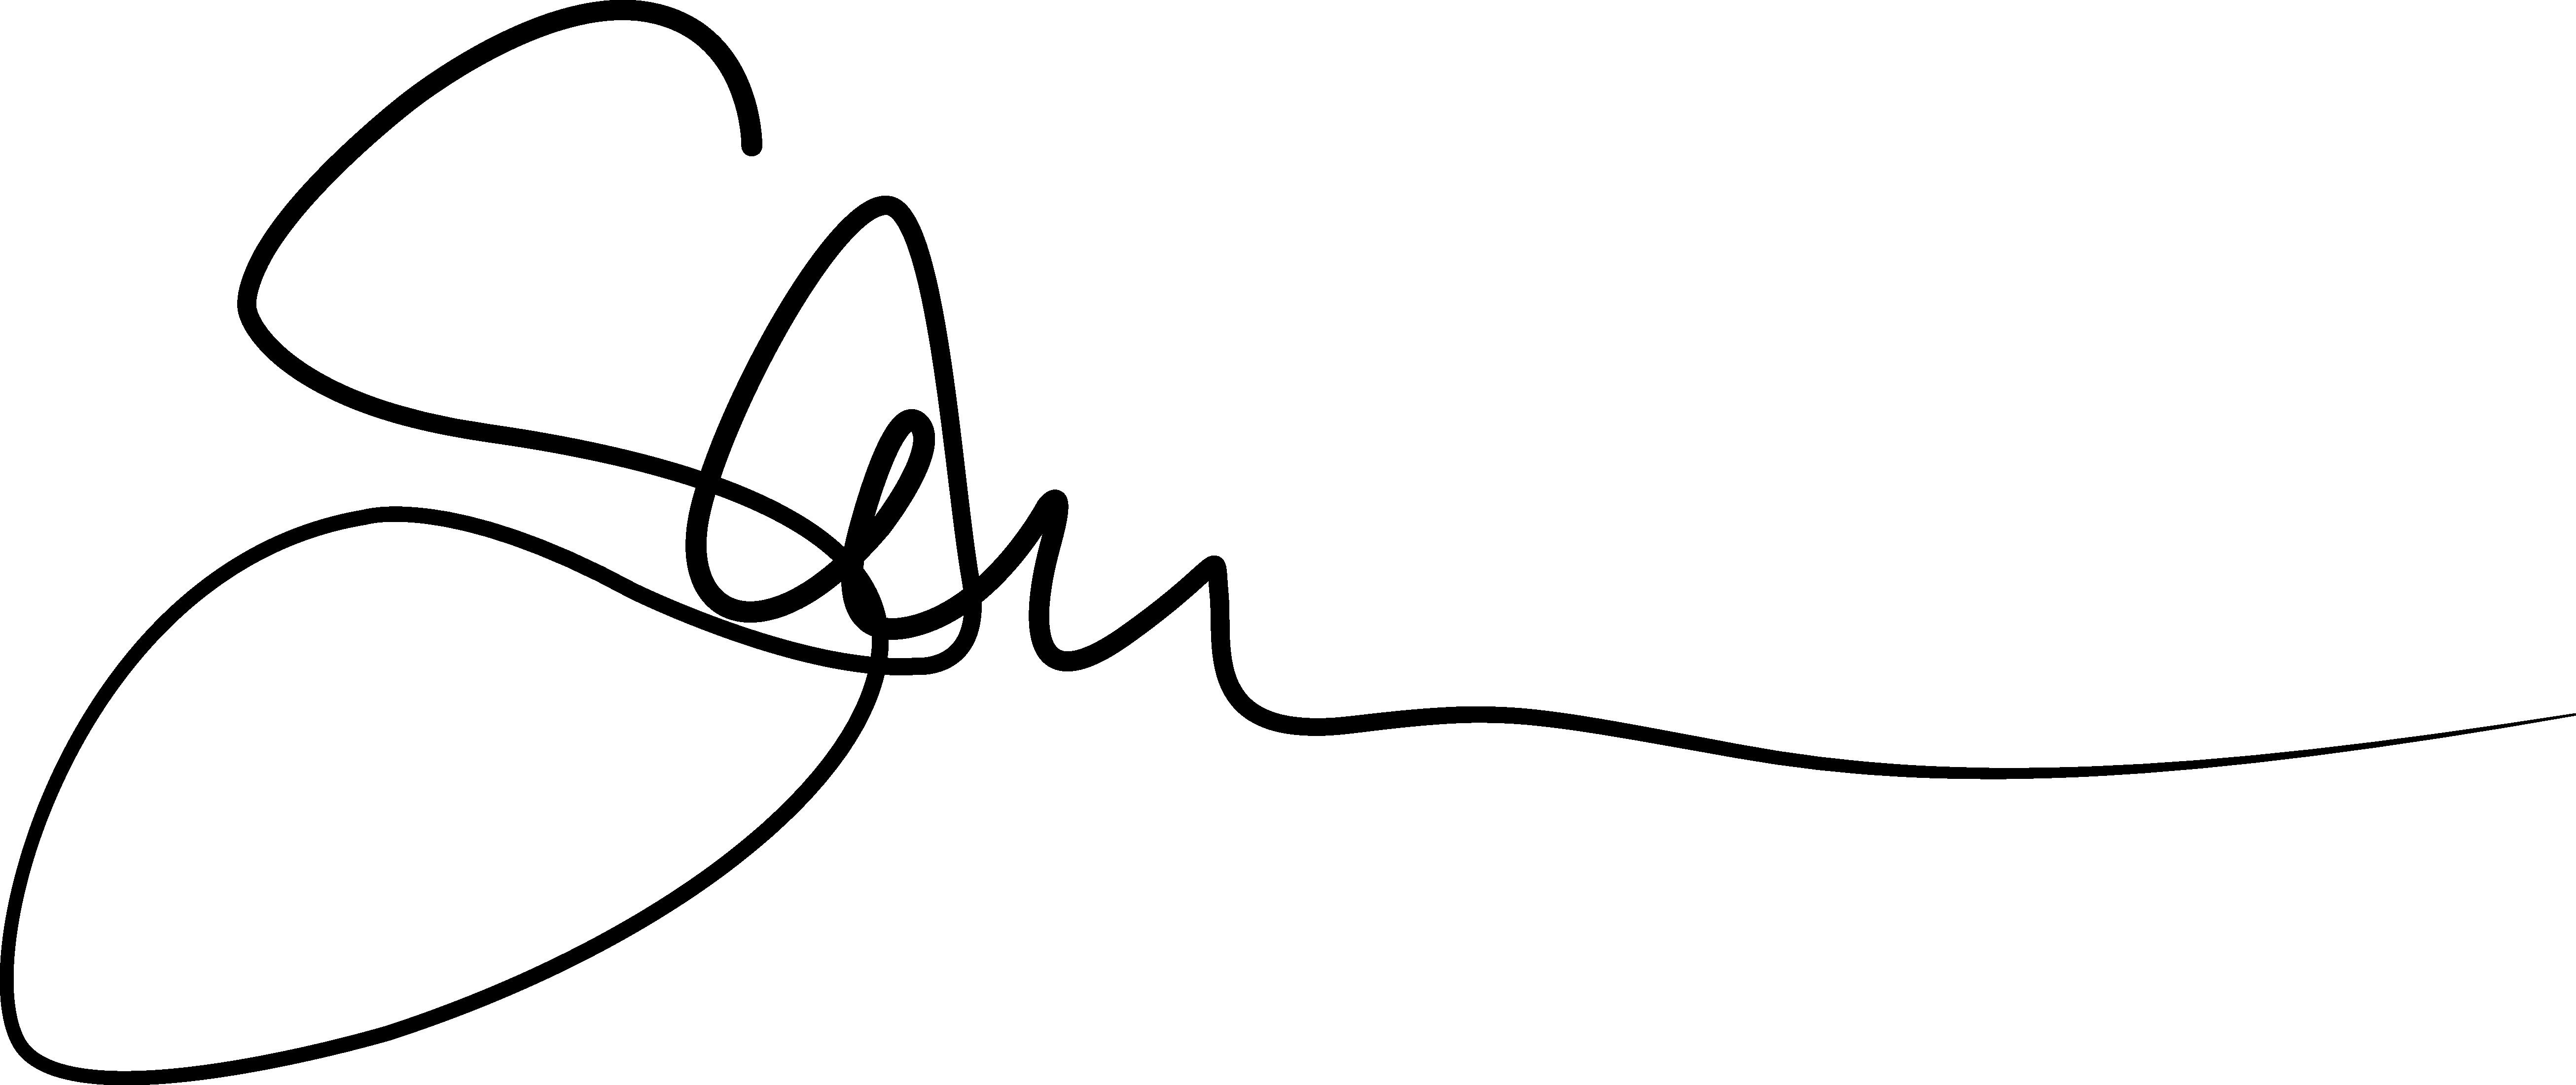 Eszter Szakacs's Signature